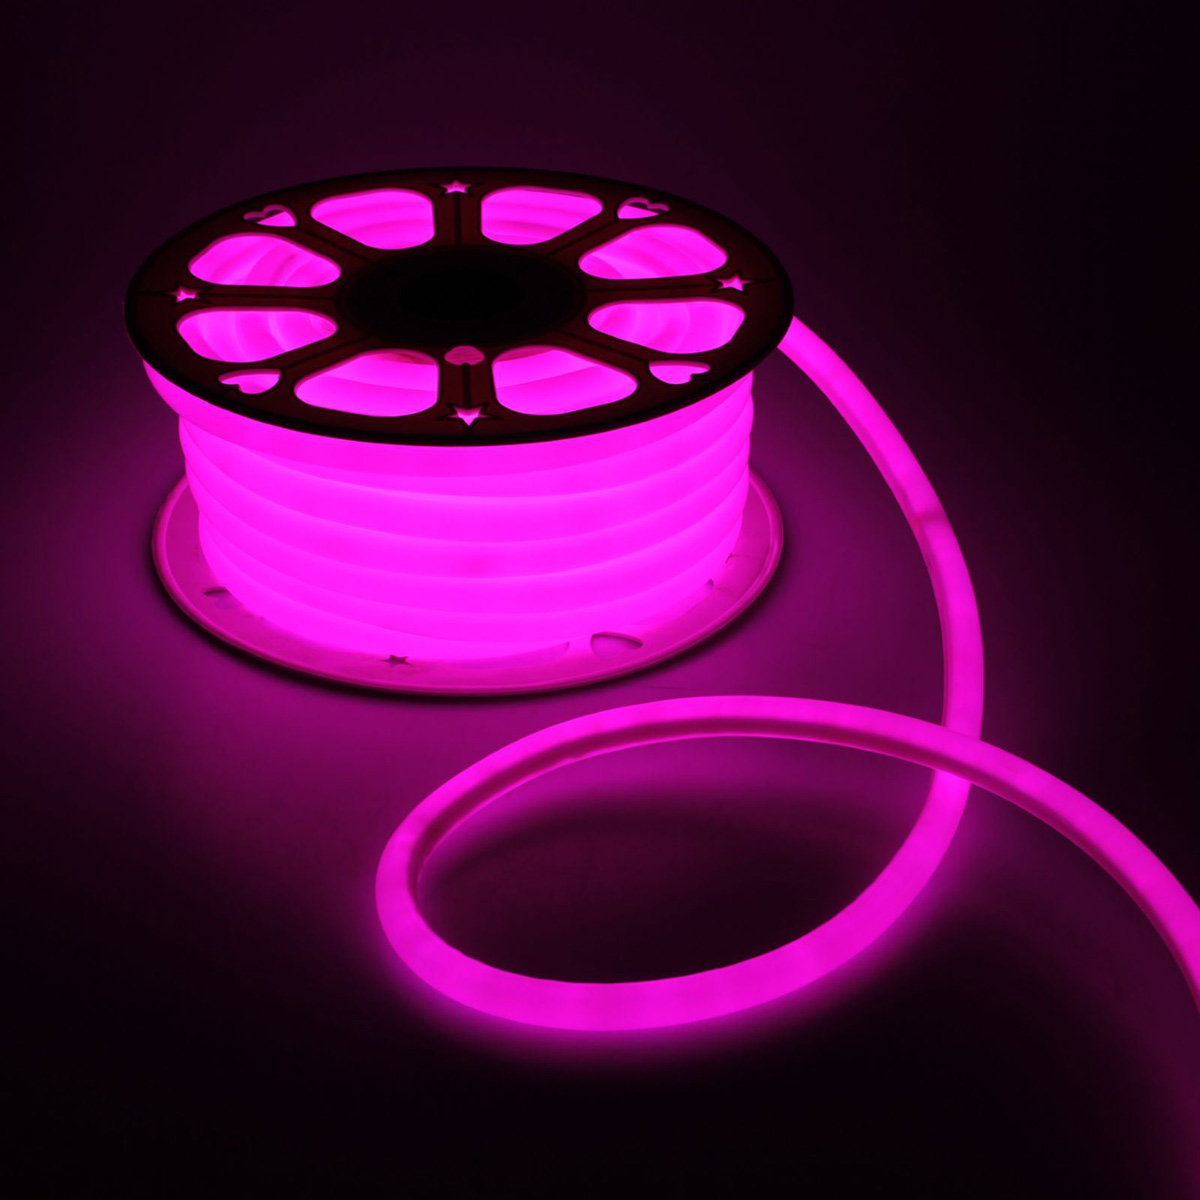 Гирлянда светодиодная Luazon, 120 ламп, 220 V, цвет: розовый, 1,6 см х 25 м. 1431300185567Светодиодные гирлянды, ленты и т.д — это отличный вариант для новогоднего оформления интерьера или фасада. С их помощью помещение любого размера можно превратить в праздничный зал, а внешние элементы зданий, украшенные ими, мгновенно станут напоминать очертания сказочного дворца. Такие украшения создают ауру предвкушения чуда. Деревья, фасады, витрины, окна и арки будто специально созданы, чтобы вы украсили их светящимися нитями.